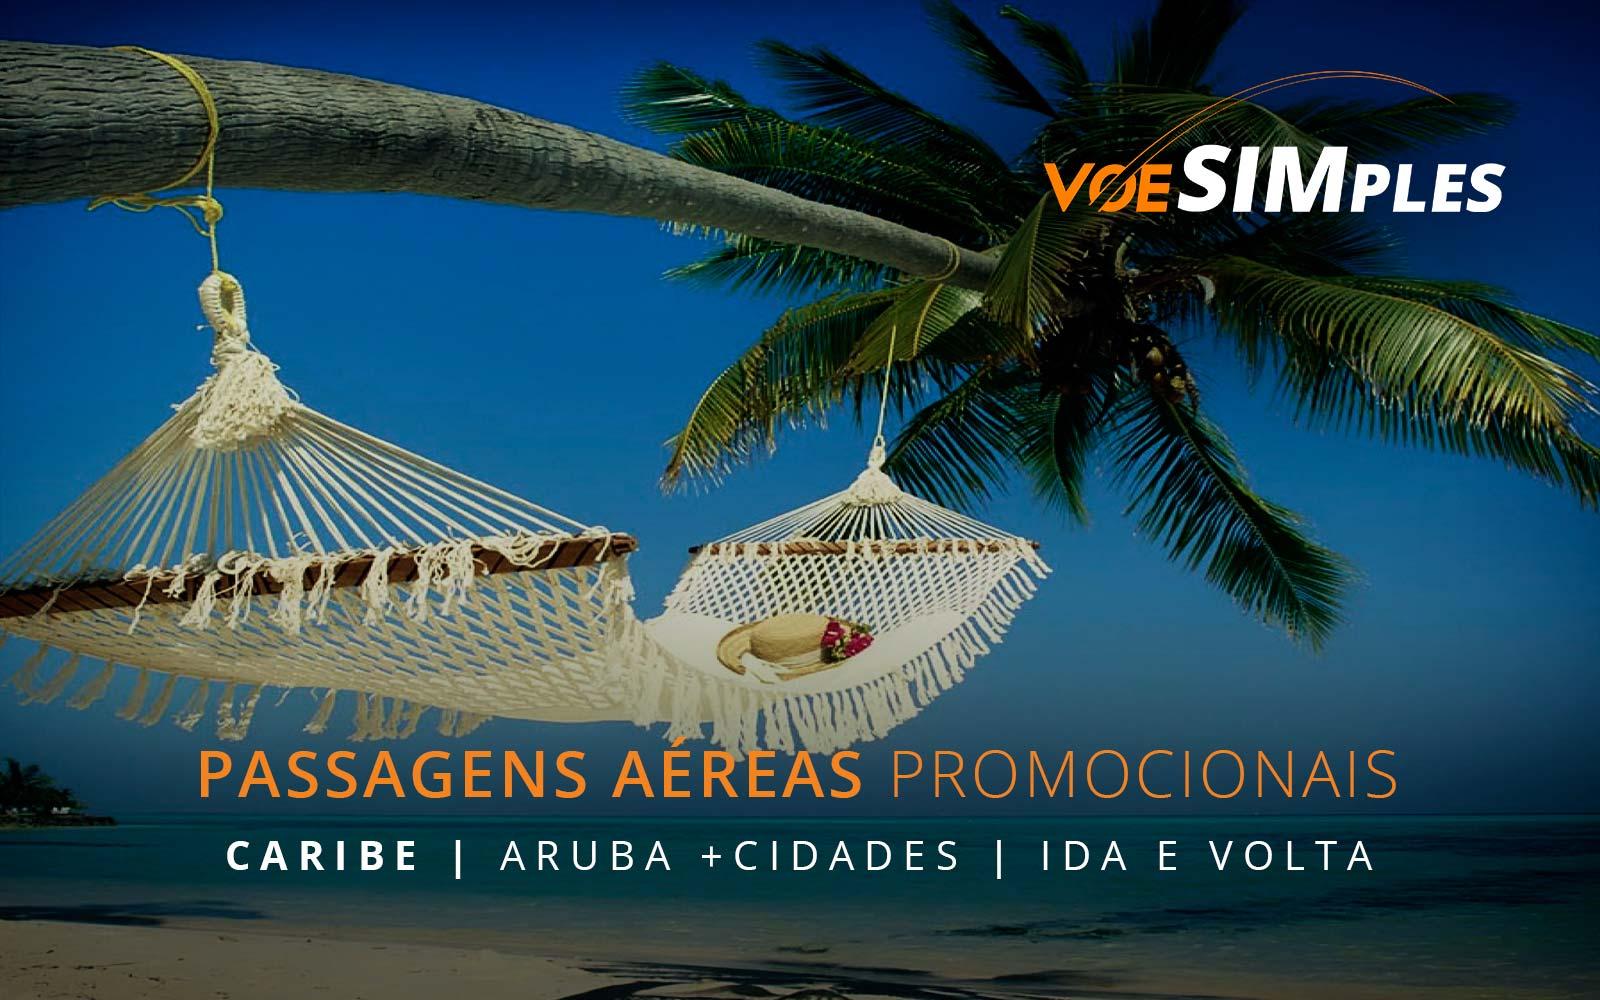 Passagens aéreas promocionais para Aruba, Curaçao, Havana, Punta Cana e Costa Rica no Caribe